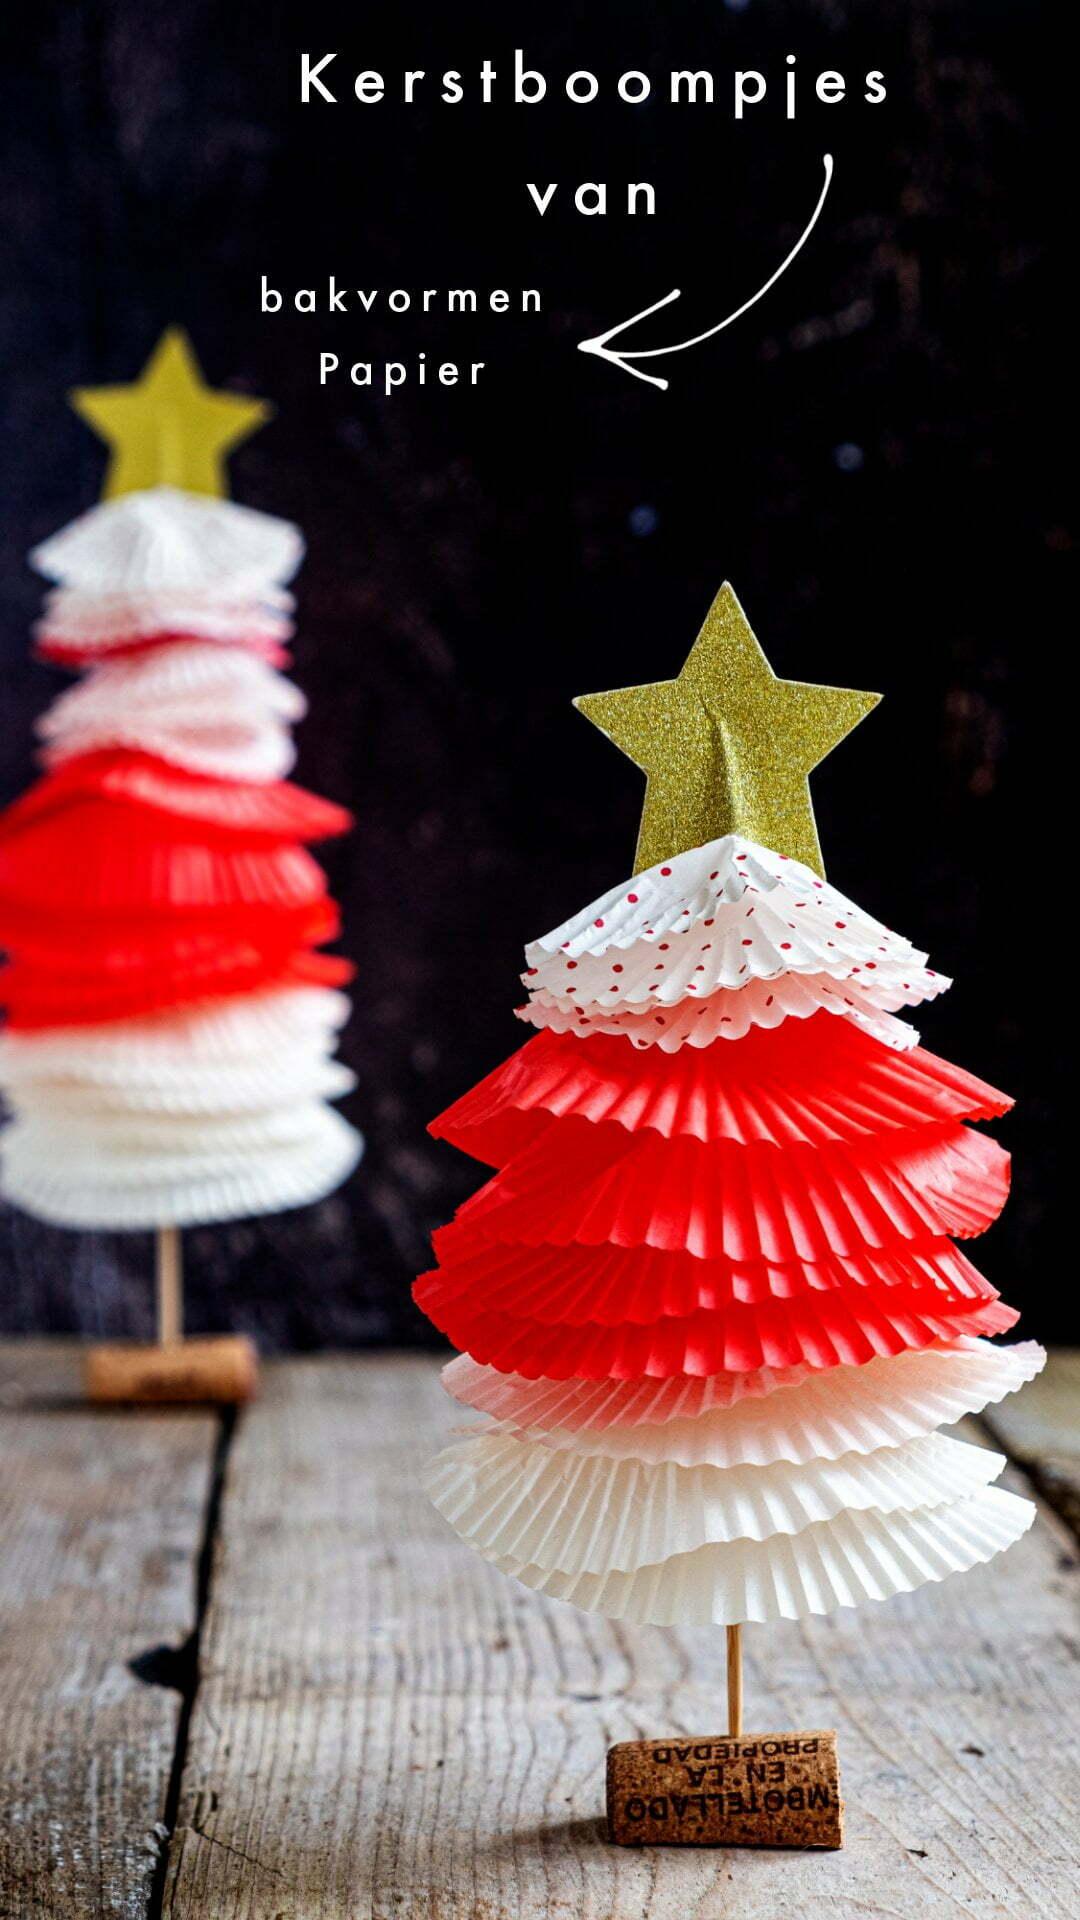 Diy Kerstboompjes van bakvormen Papier